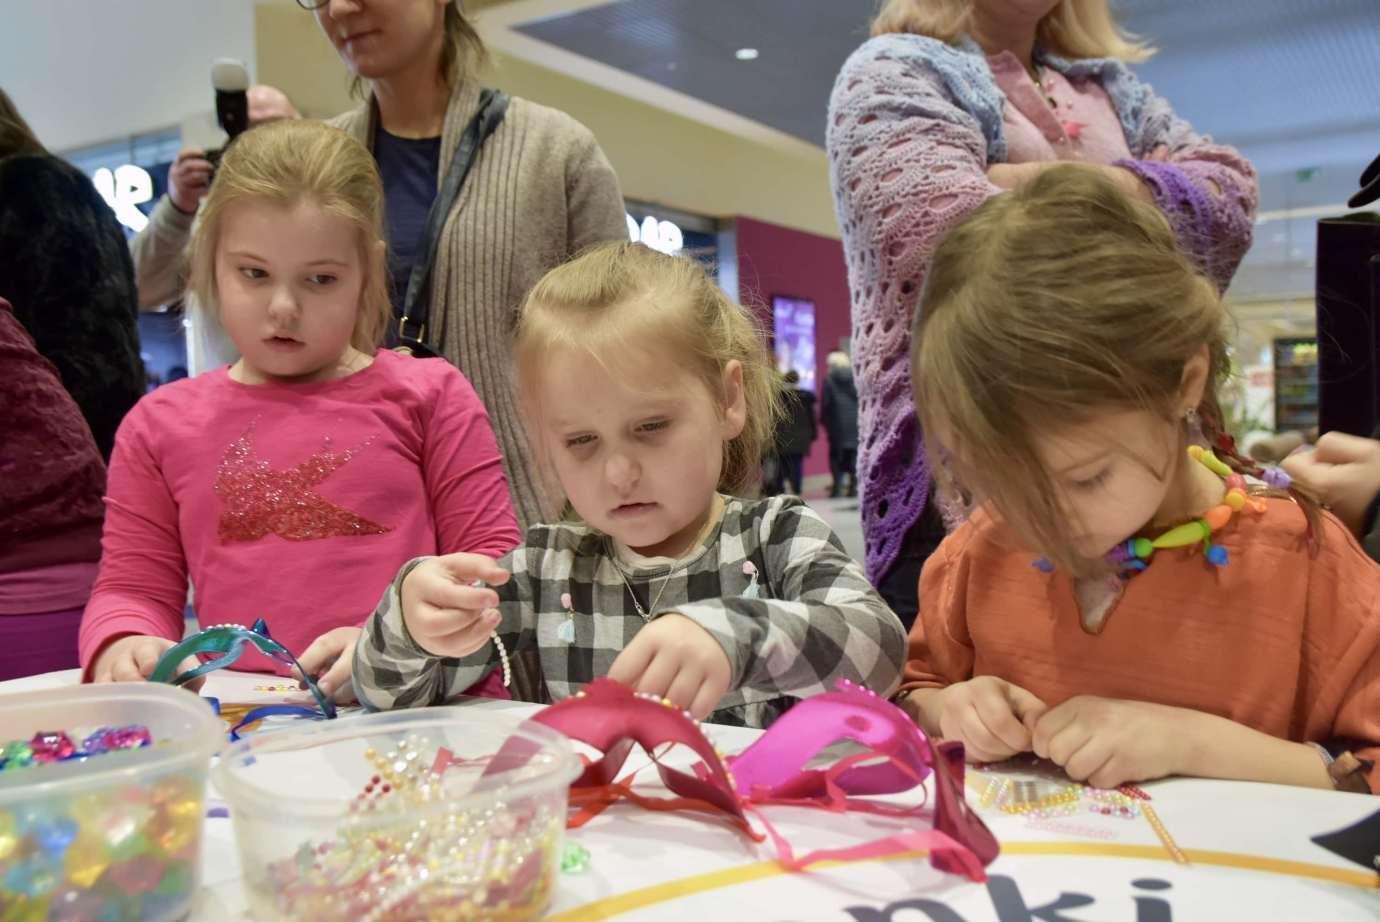 dsc 3926 Zabawa kreatywnych dzieciaków w Galerii Handlowej Twierdza (filmy i zdjęcia)